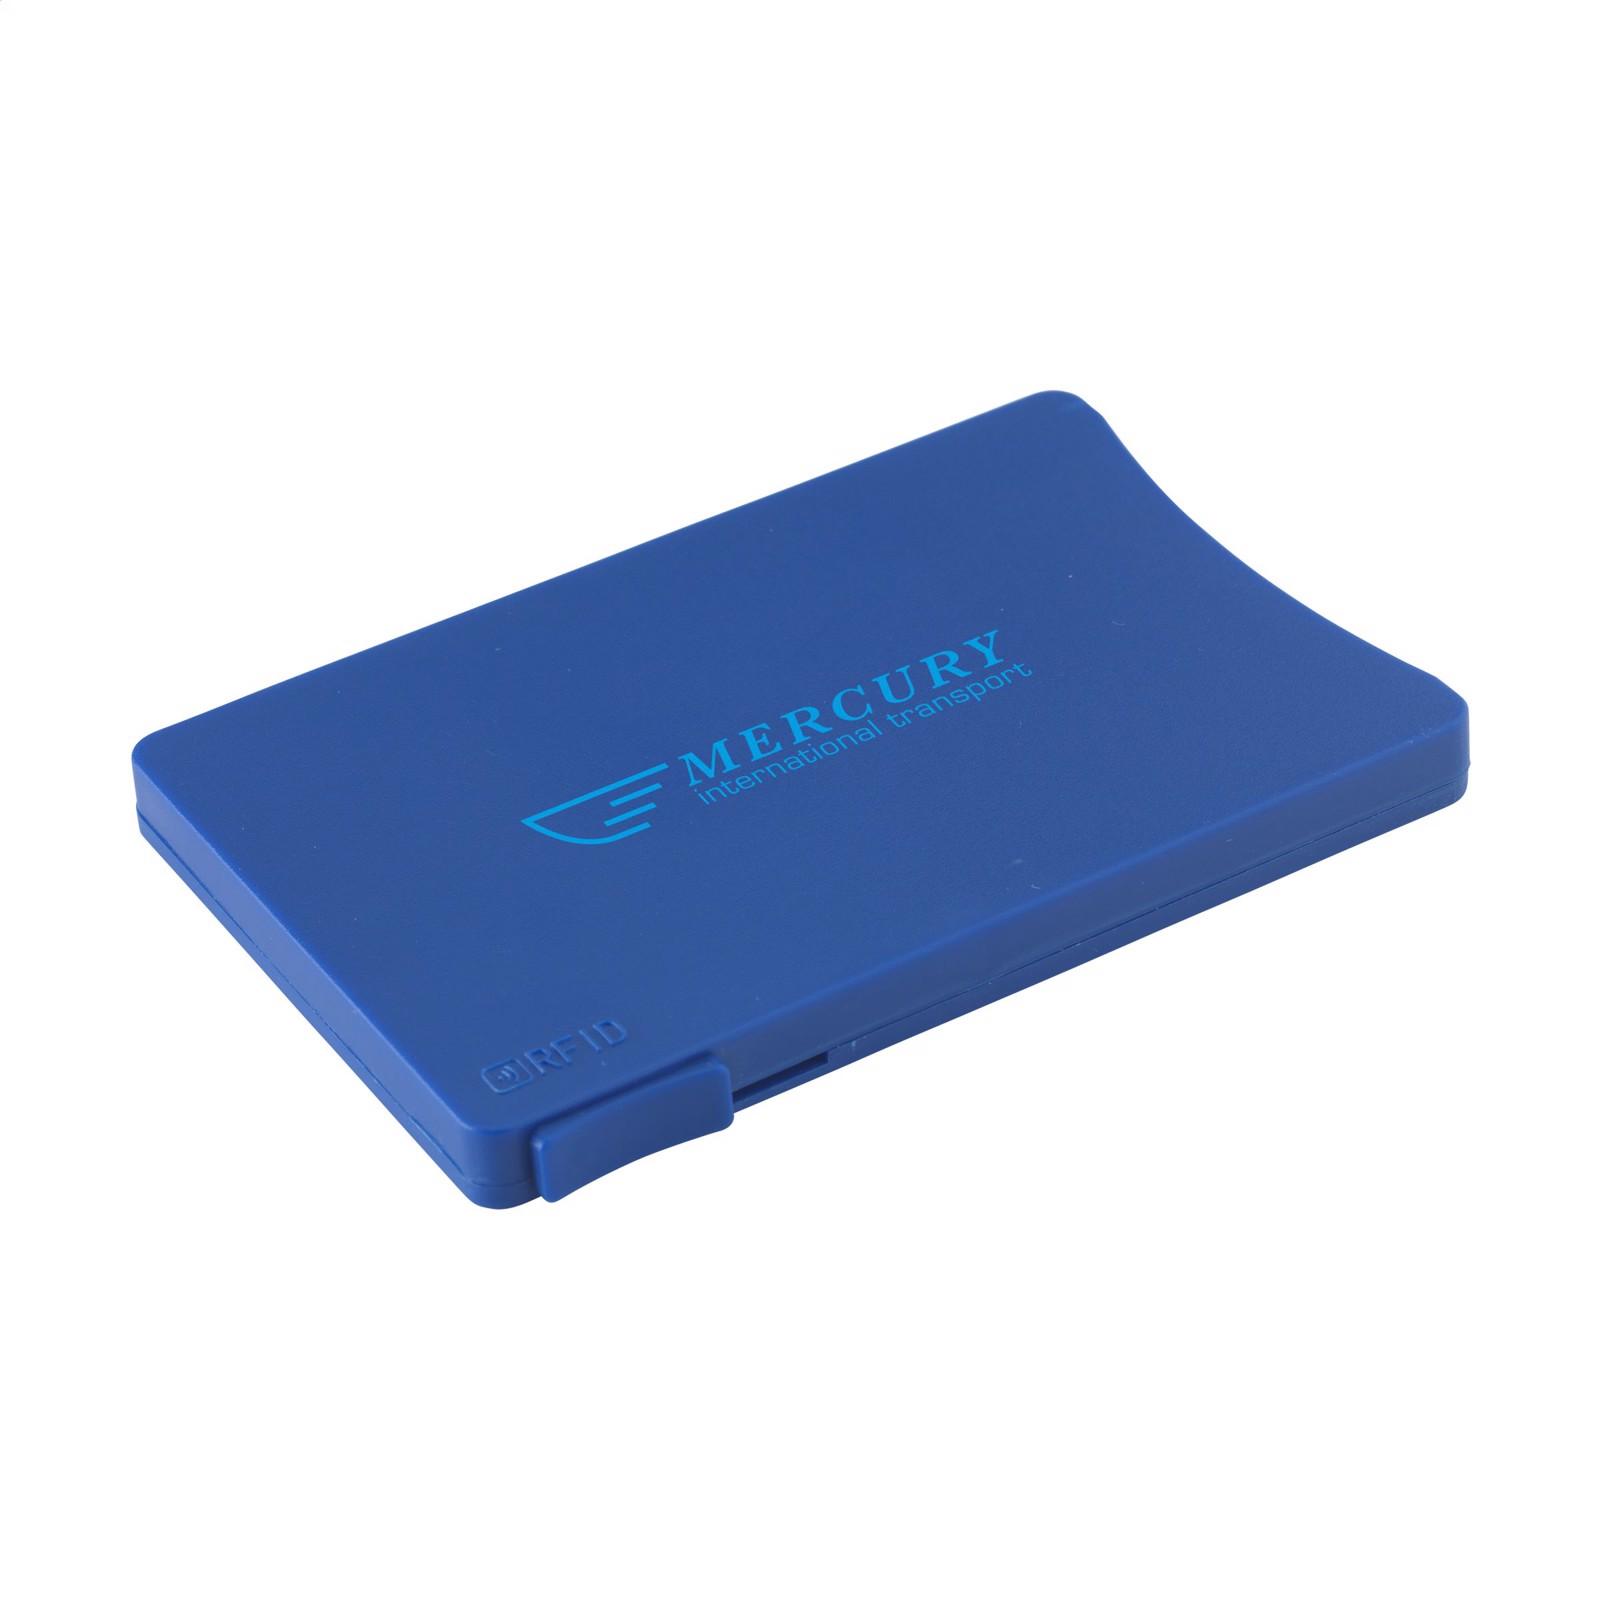 RFID Visita Slide card holder - Blue